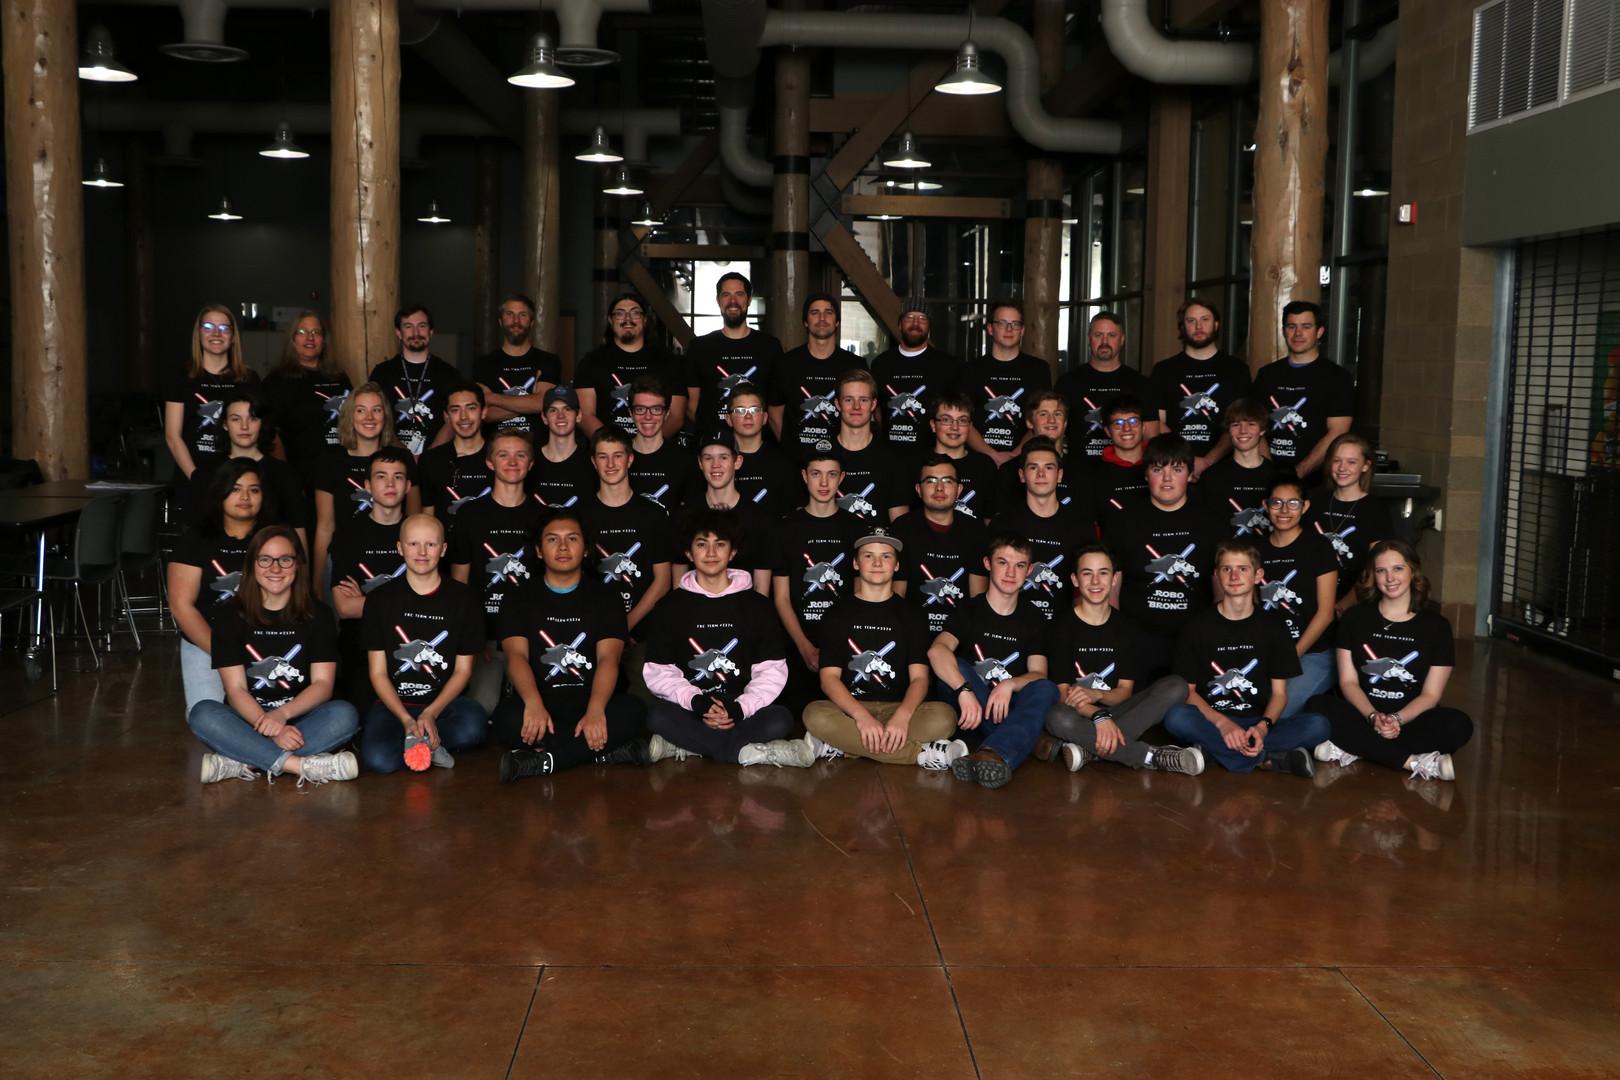 JHHS Robotics 19-20 team picture brighte